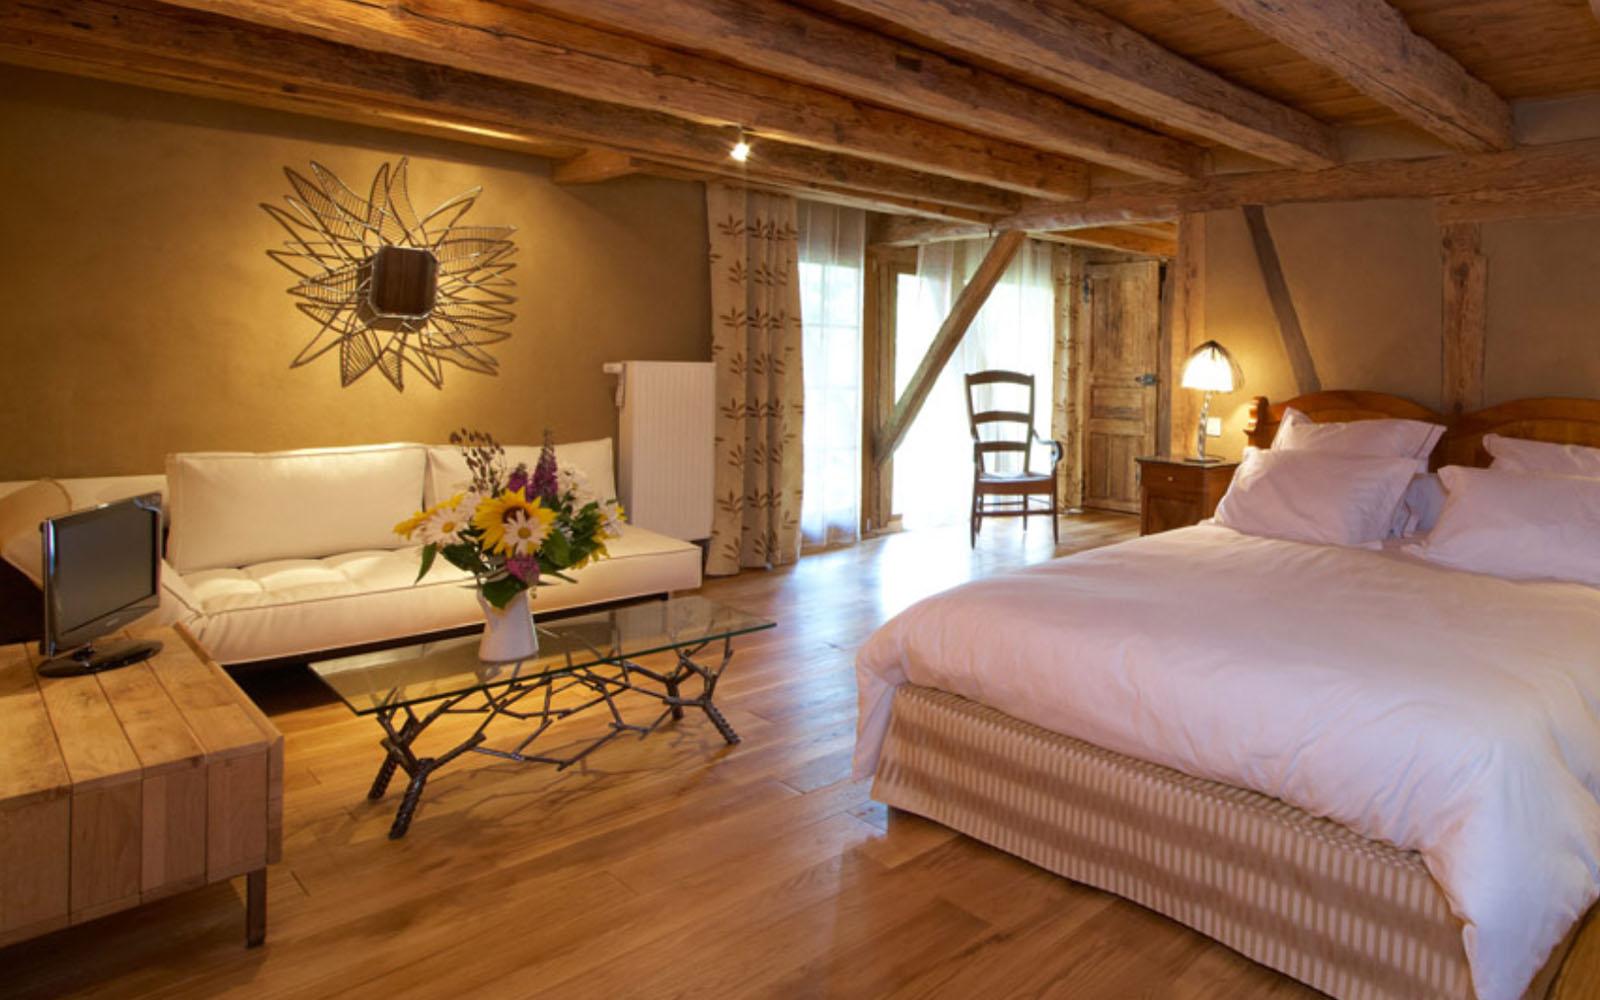 La camera della chambre d'hôtes Georges Braque.